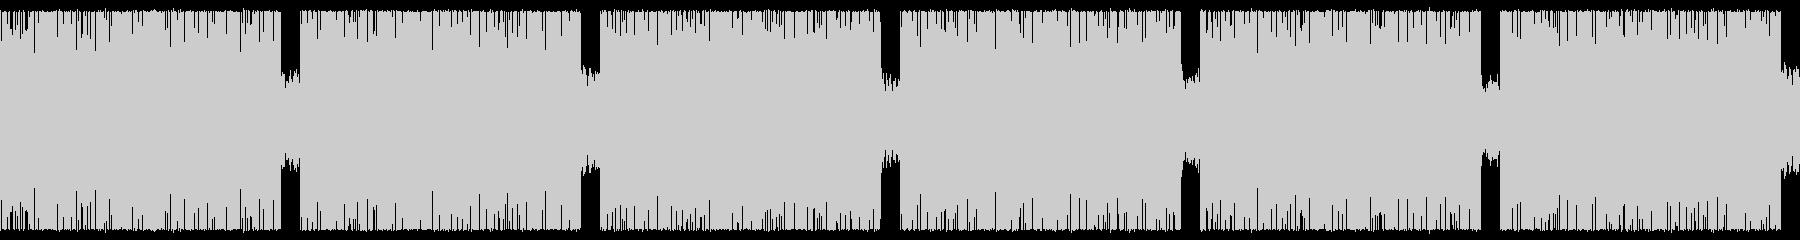 ゲーム映画バトル用攻撃的1-1ループ処理の未再生の波形